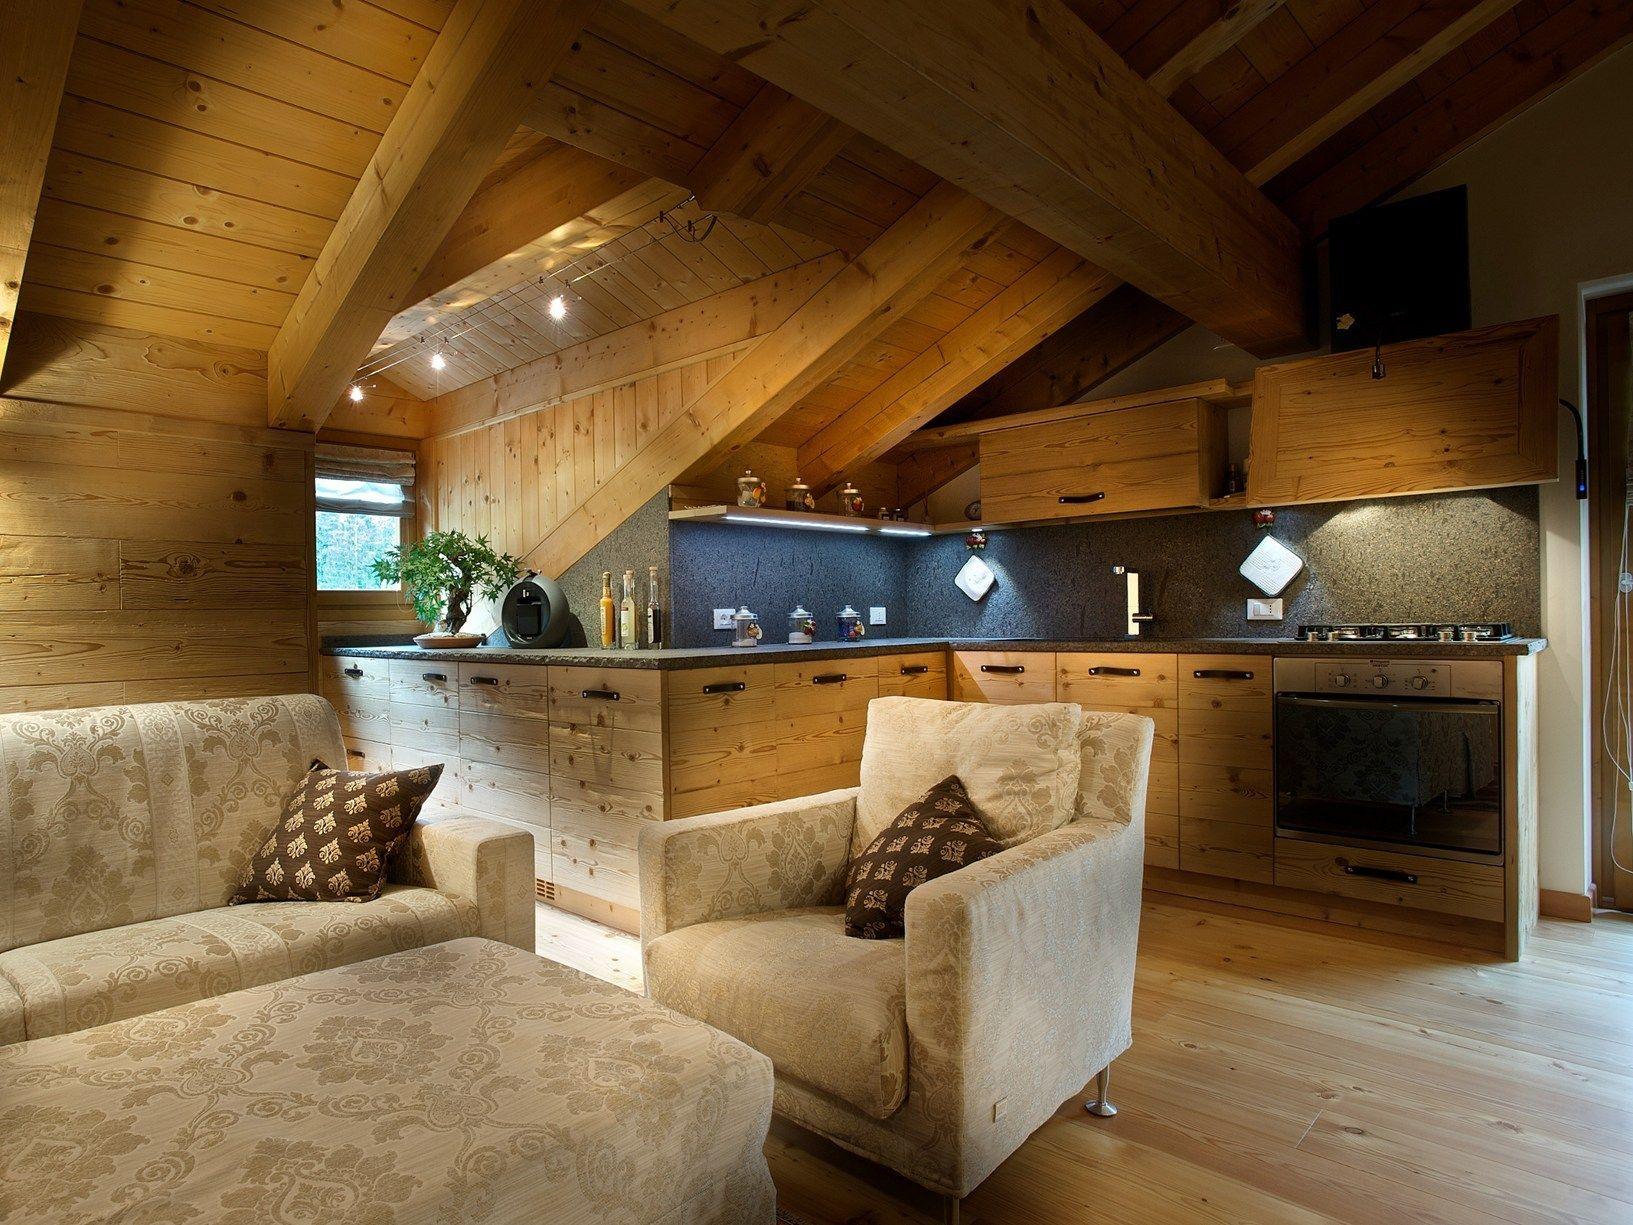 Mansarde come sfruttare al meglio gli spazi for Piani di casa cabina con soppalco